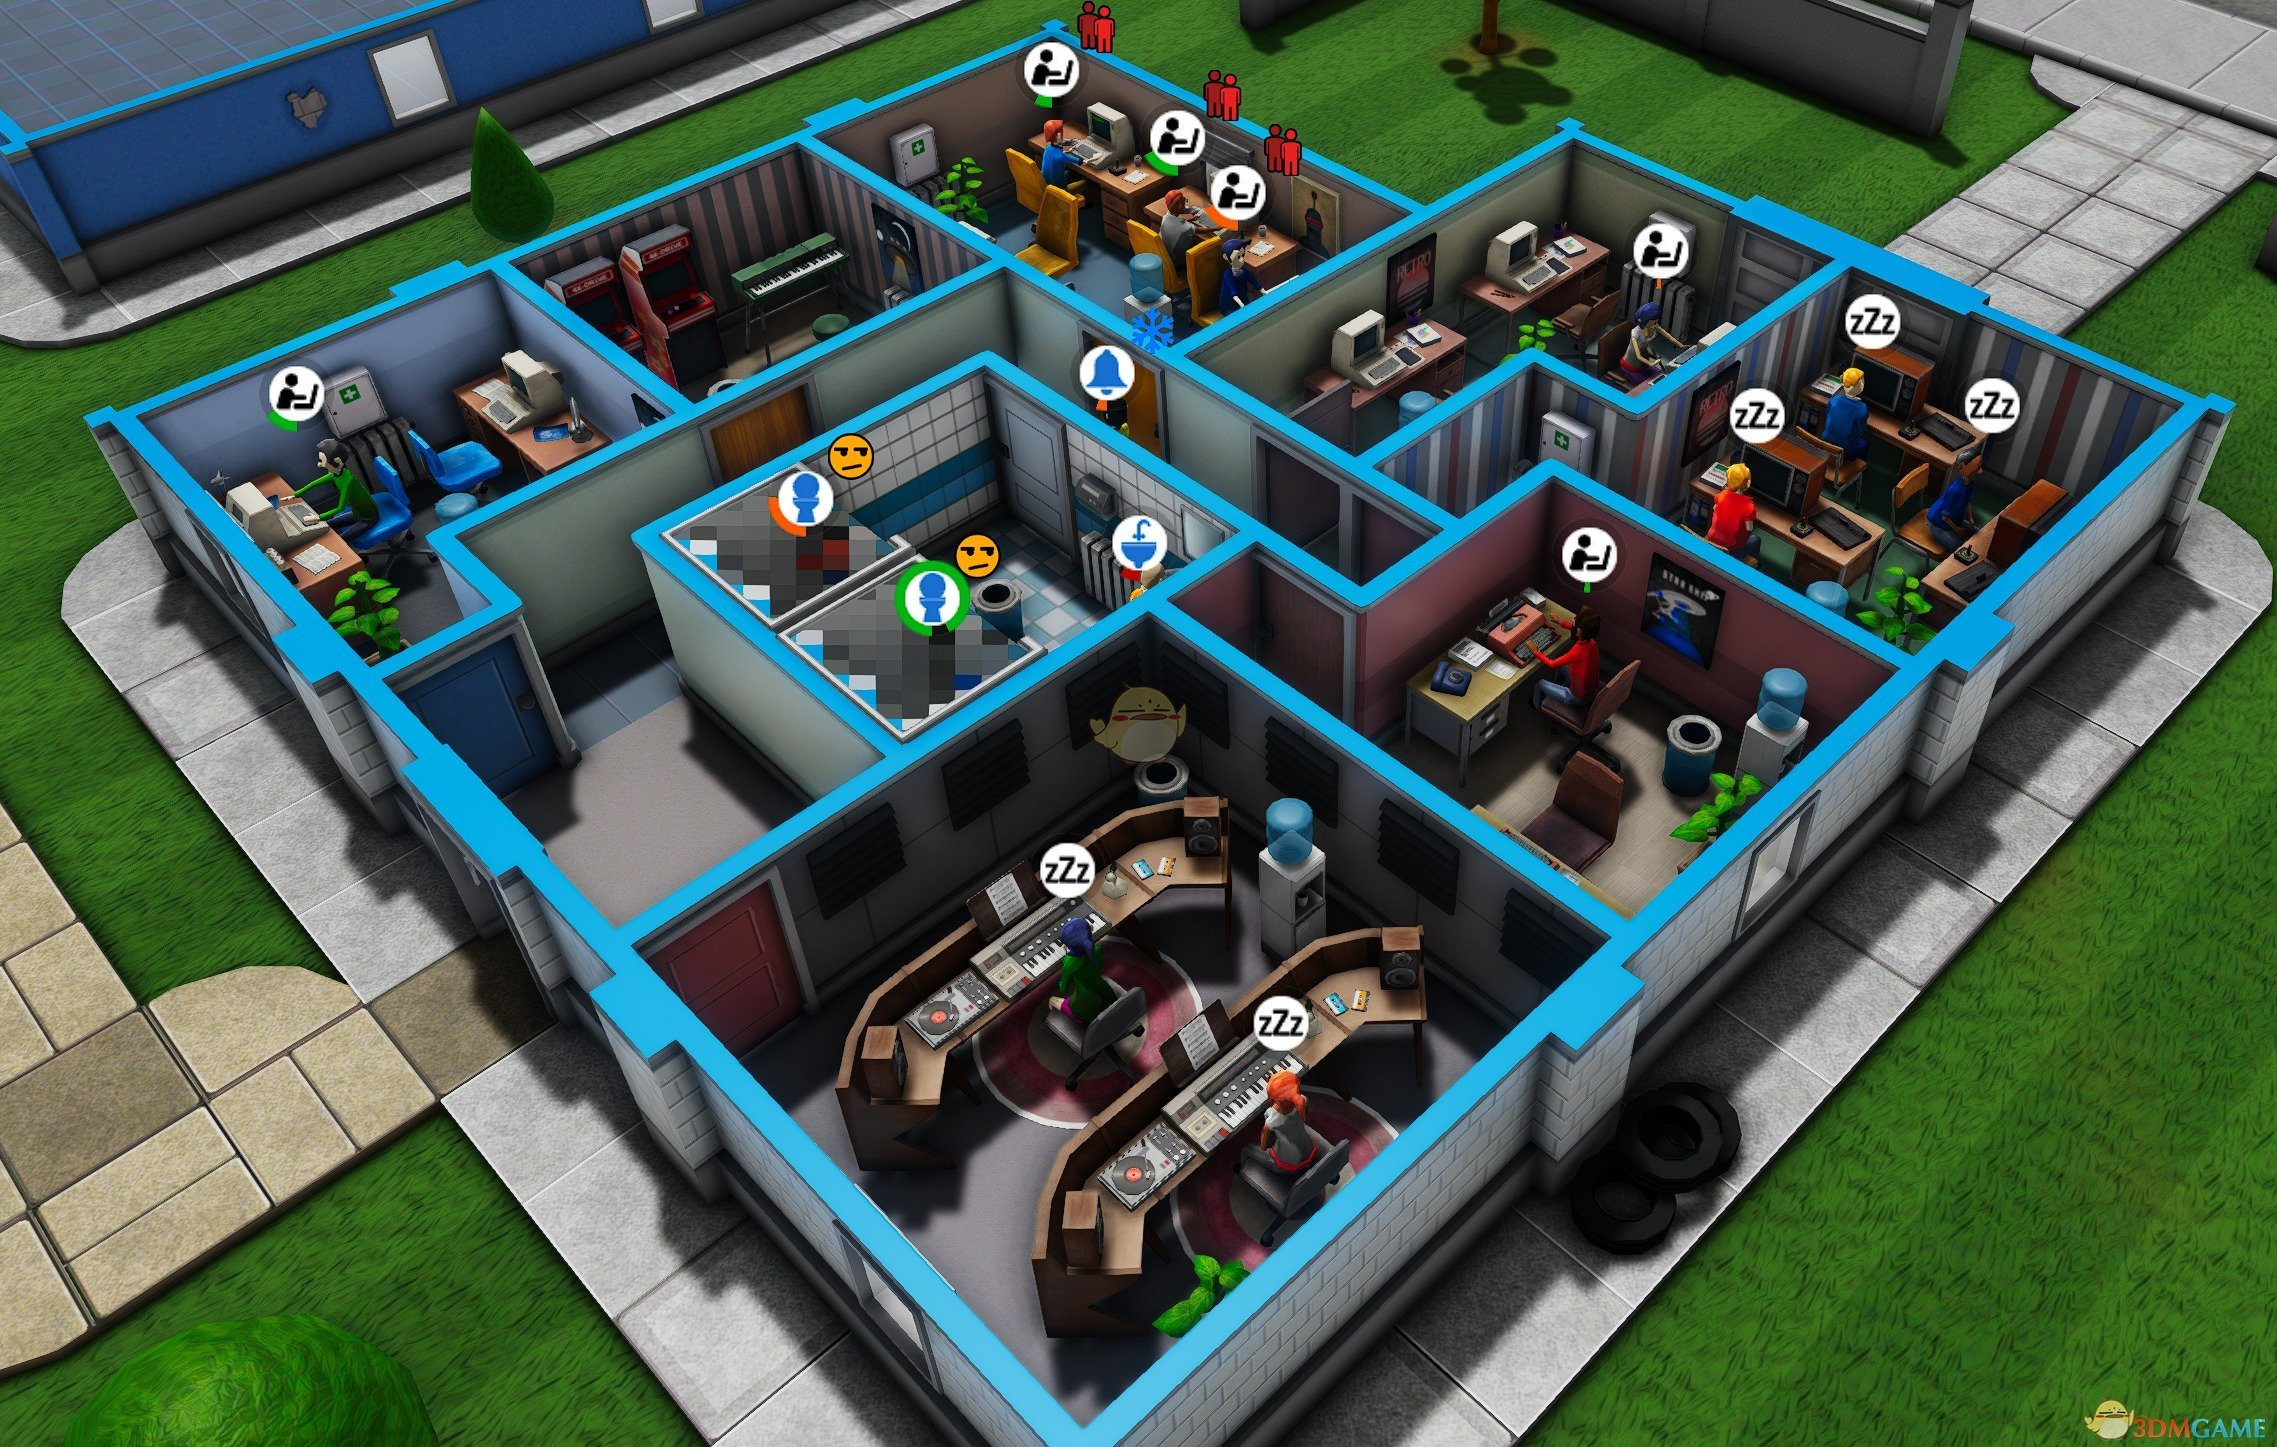 《疯狂游戏大亨2》开局好用房子布局一览